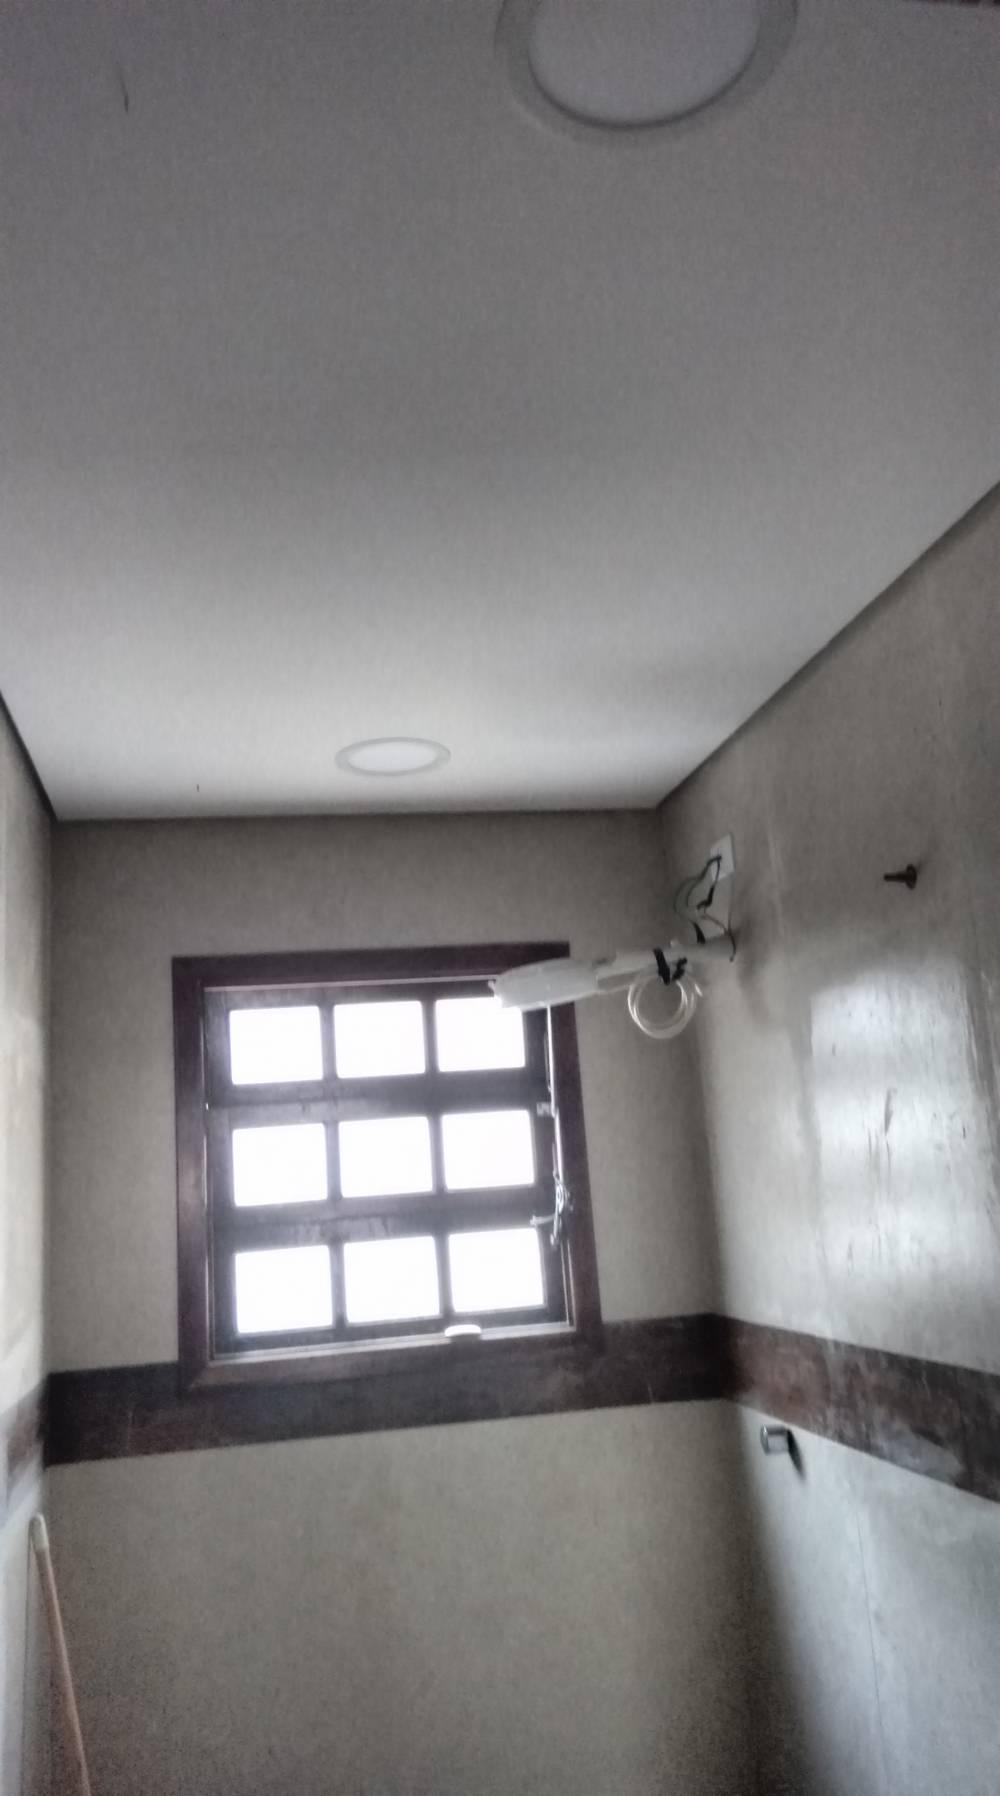 Reparos em Residências Preço na Vila Moinho Velho - Serviço de Reparos Residenciais